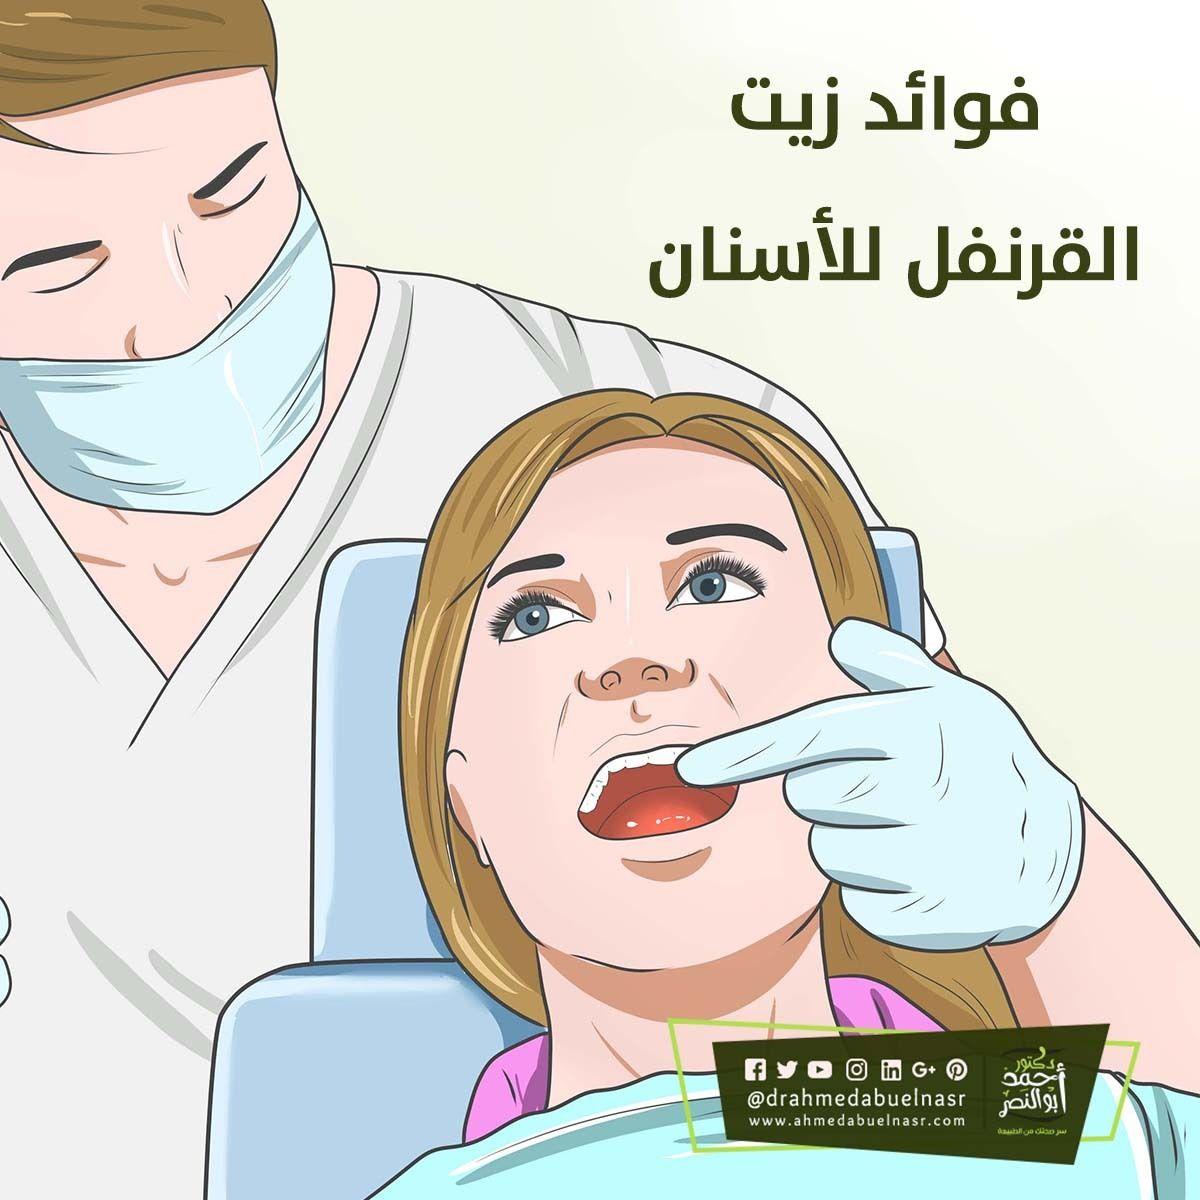 الدكتور احمد ابو النصر Family Guy Fictional Characters Character